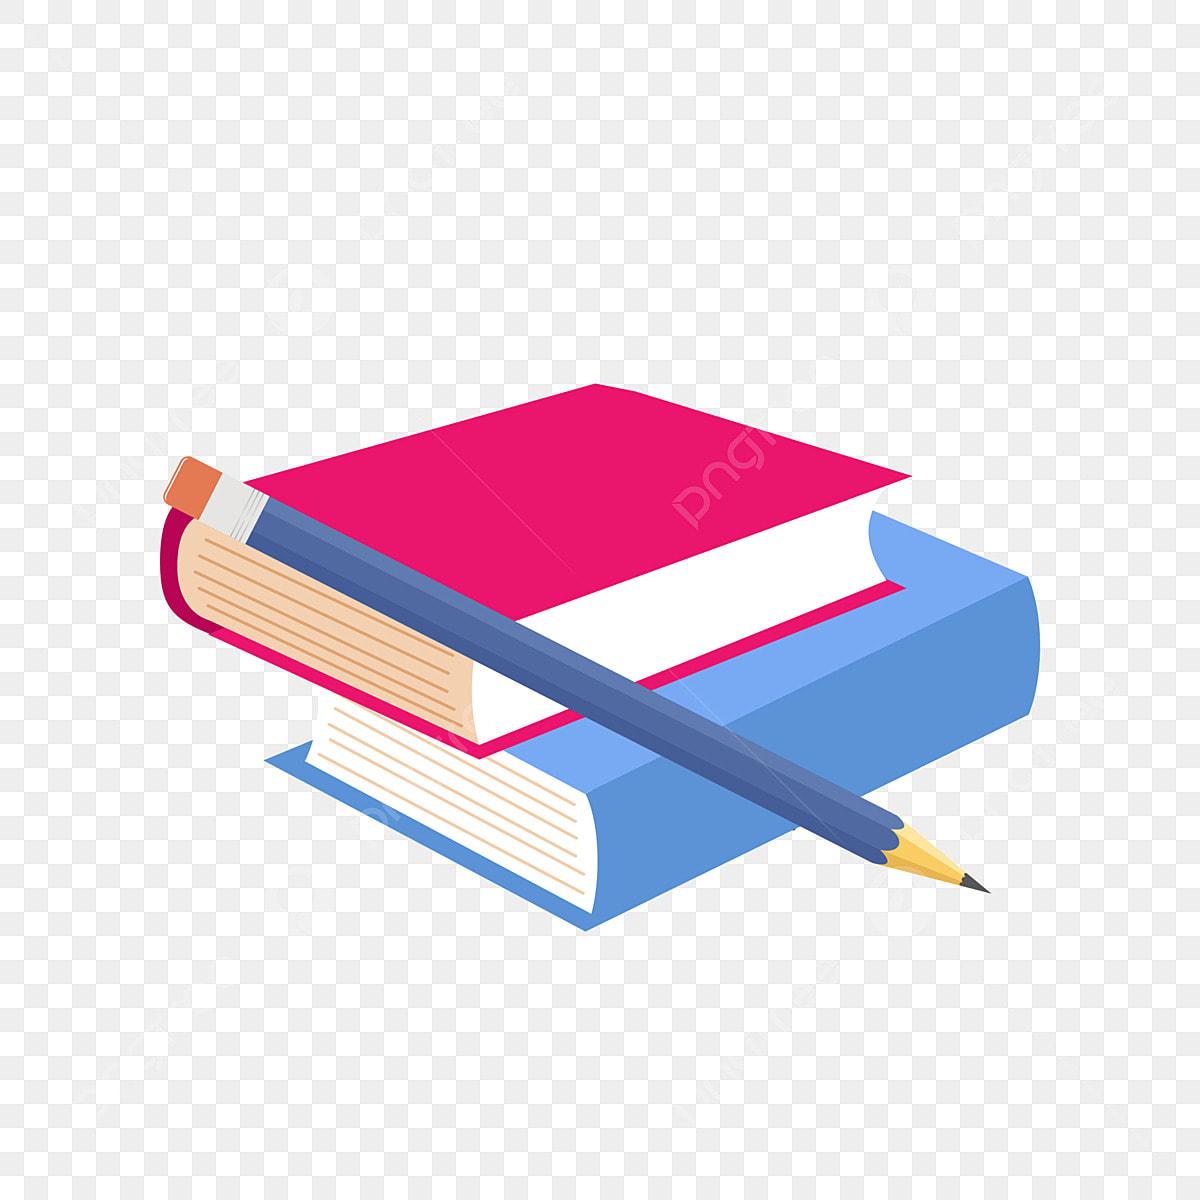 كتاب أحمر كتاب أزرق كتب دراسة قلم رصاص أزرق كتاب أزرق زخرفة قلم Png والمتجهات للتحميل مجانا